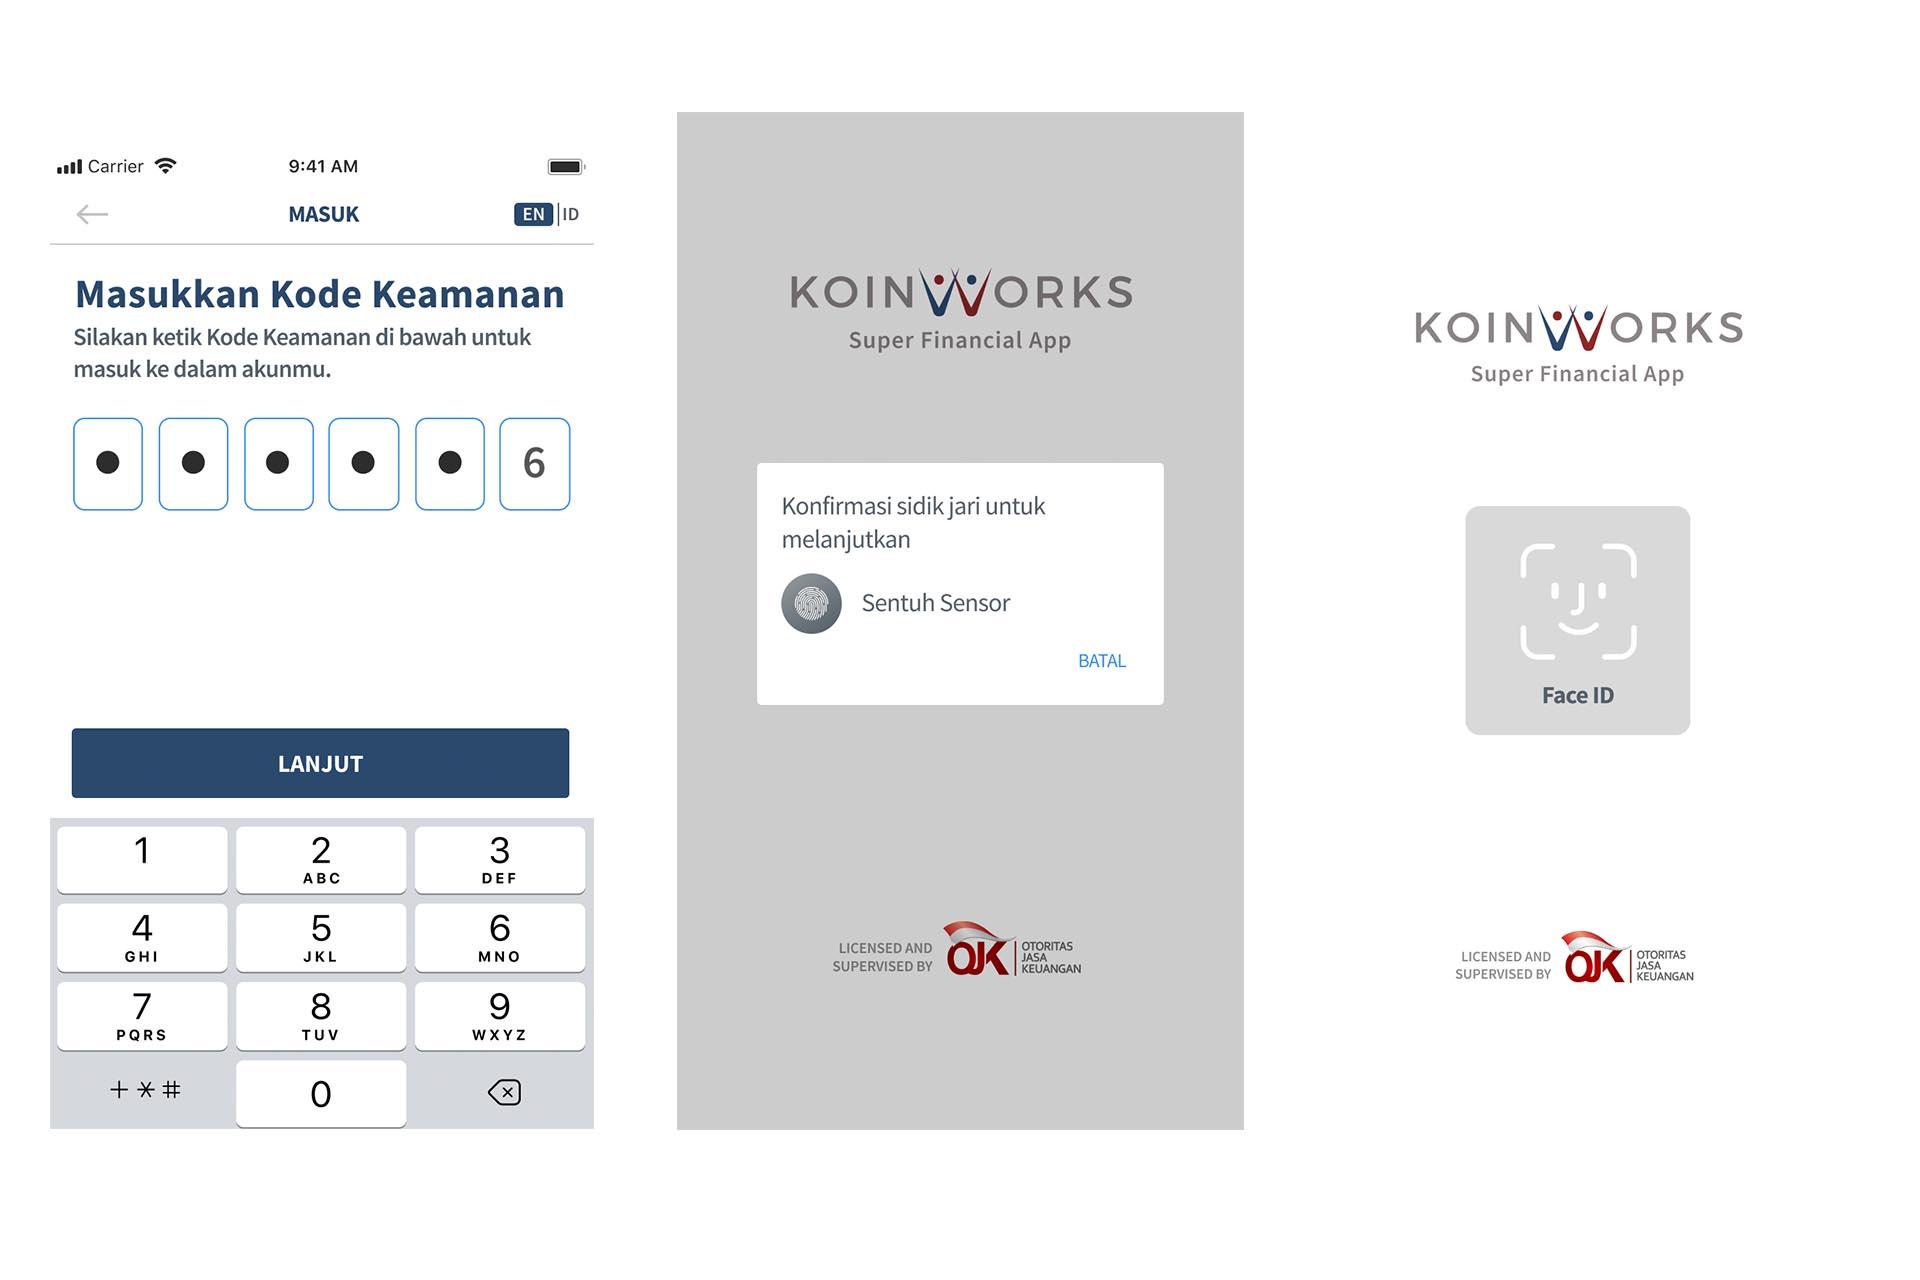 koinworks - kemanan